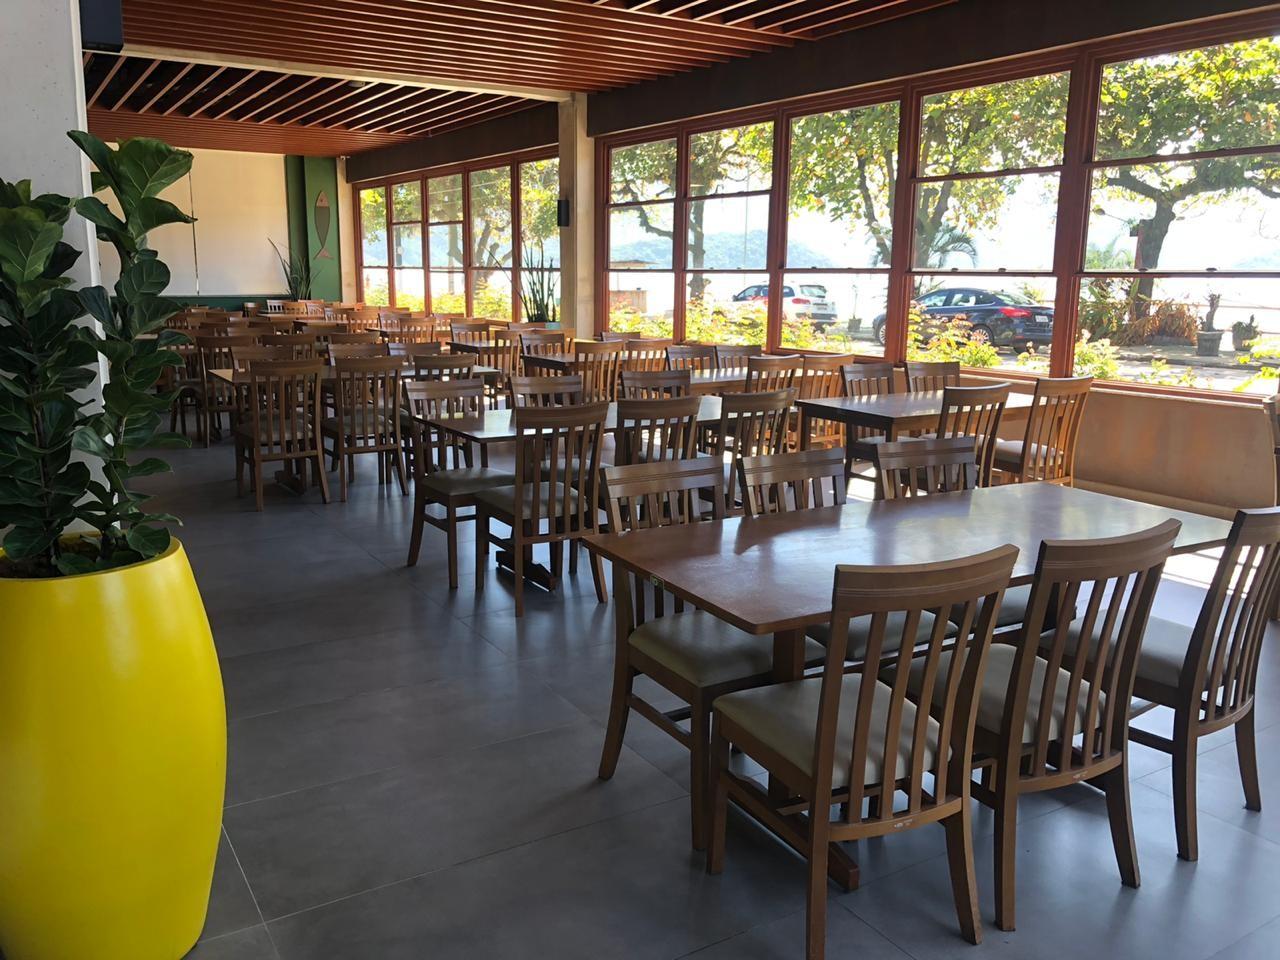 Restaurantes em SP tentam superar pandemia após 30 mil vagas extintas